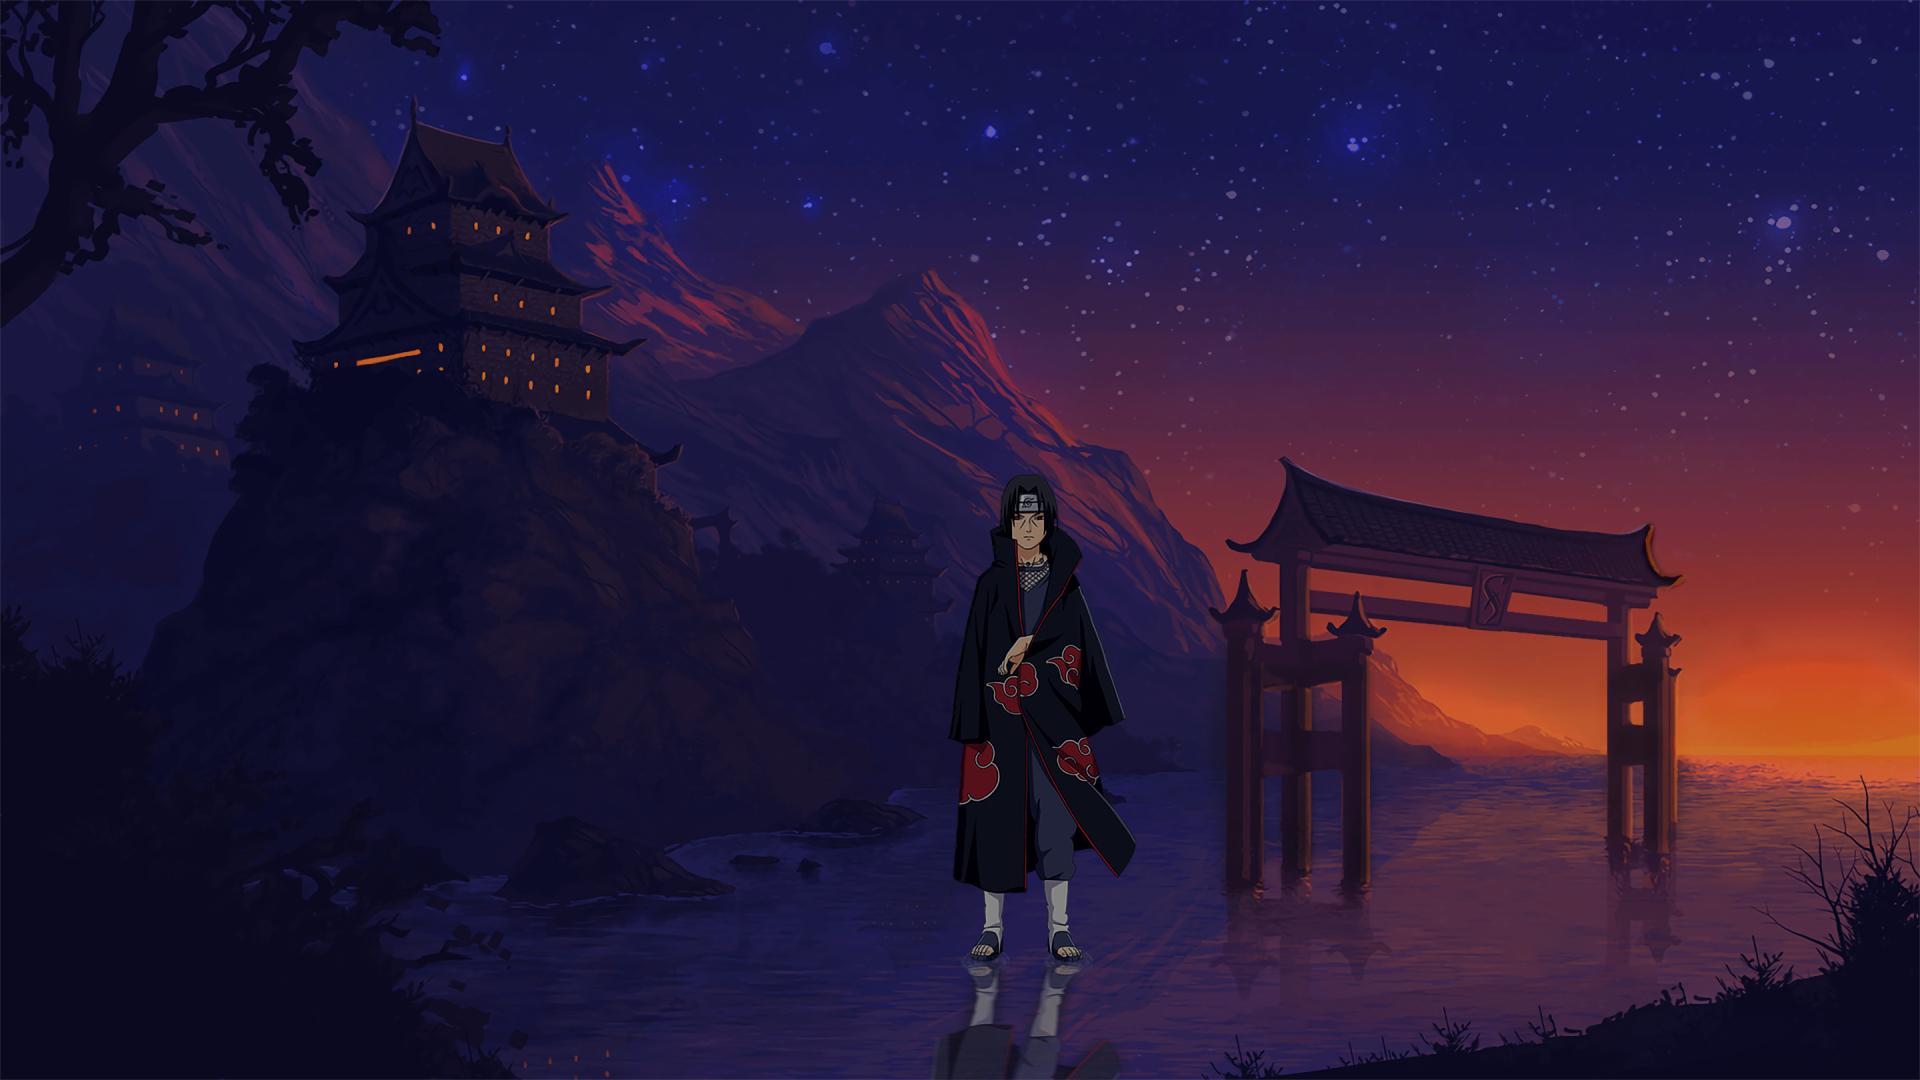 naruto uzumaki anime landscape bGZla2WUmZqaraWkpJRmbmdlrWZlbWU